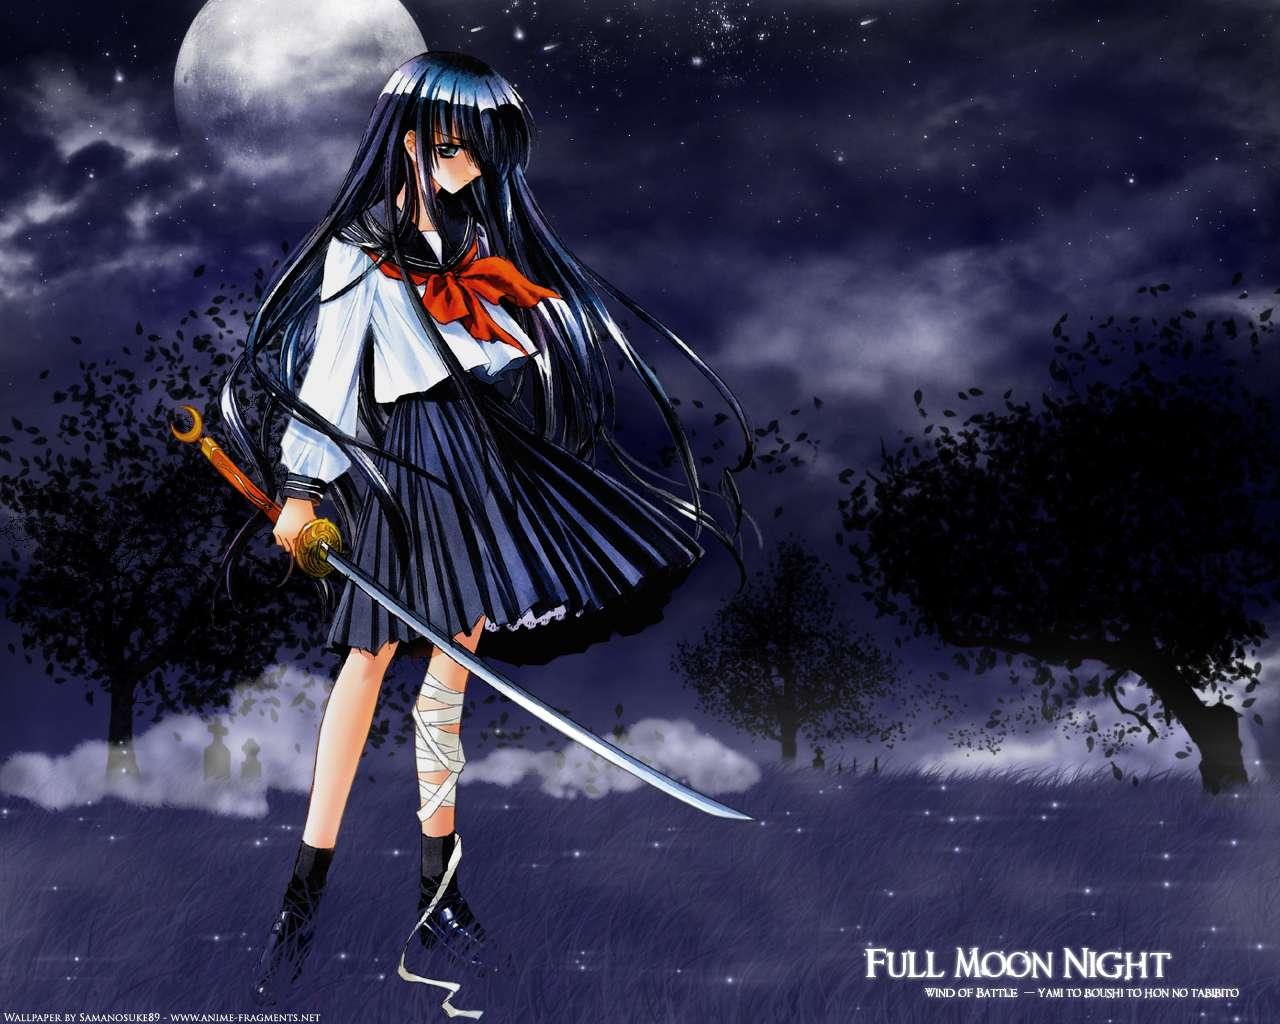 azuma_hazuki carnelian sword weapon yami_to_boushi_to_hon_no_tabibito